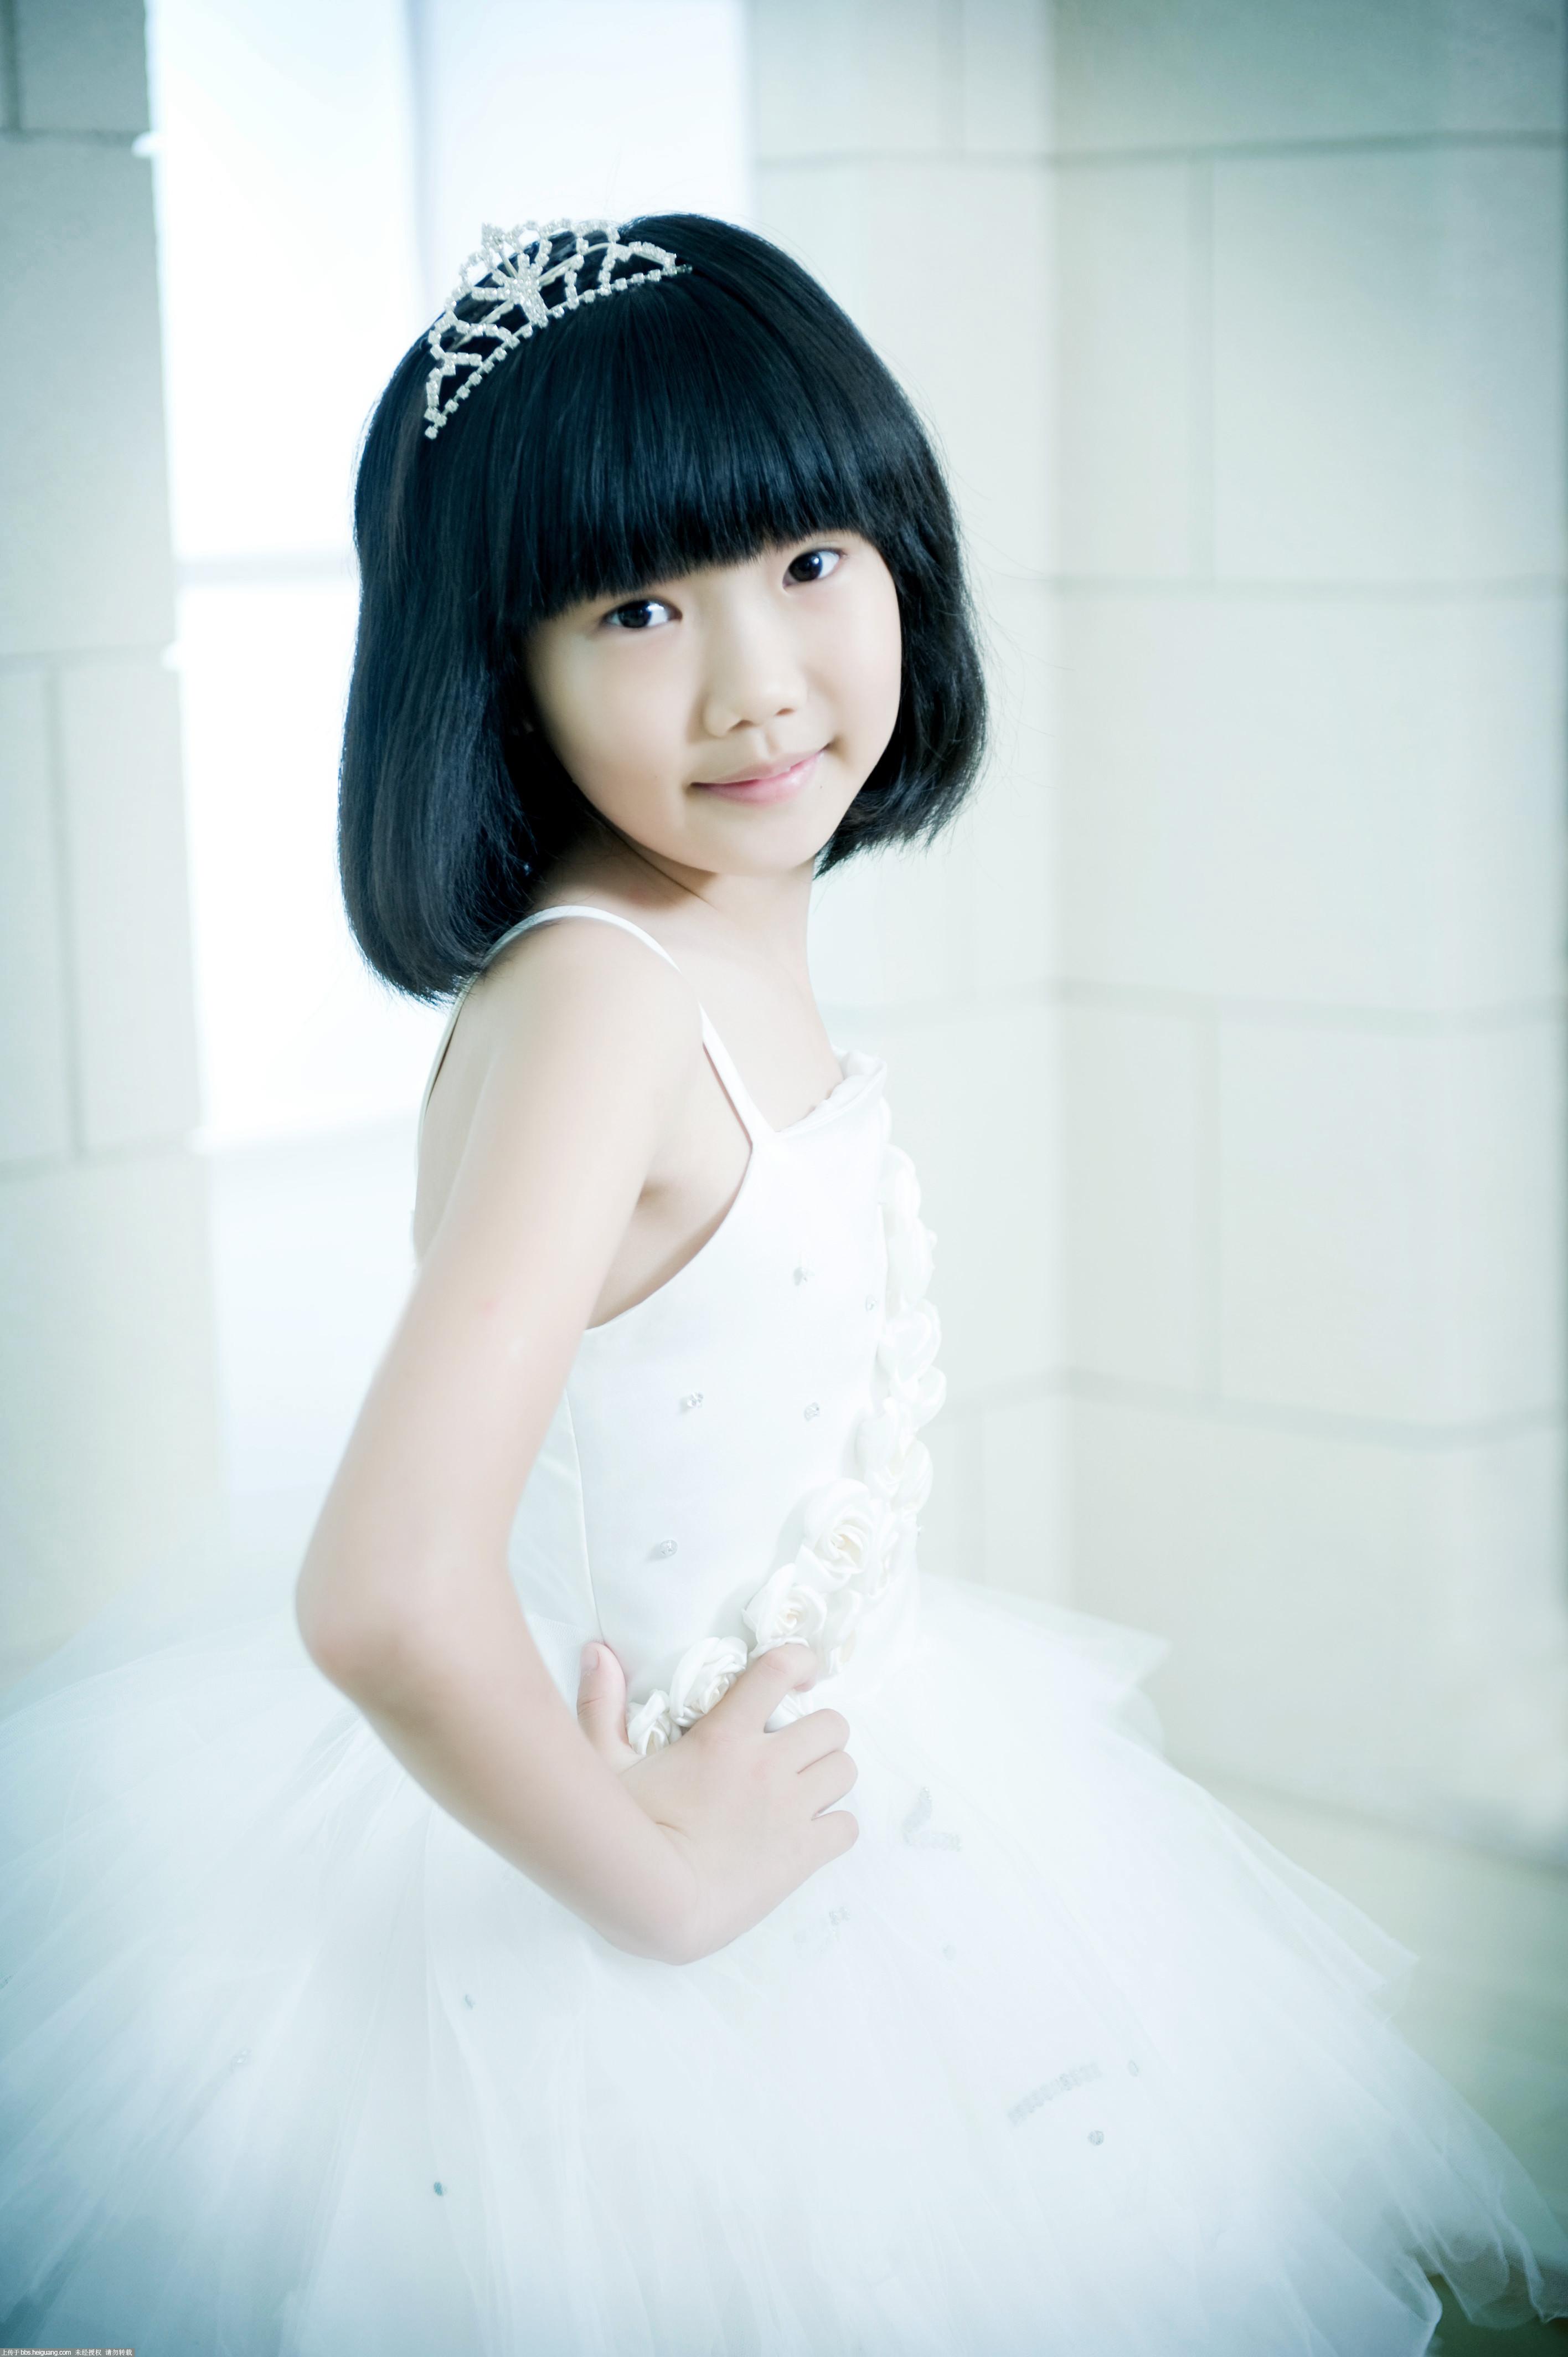 清新小美女 儿童摄影作品